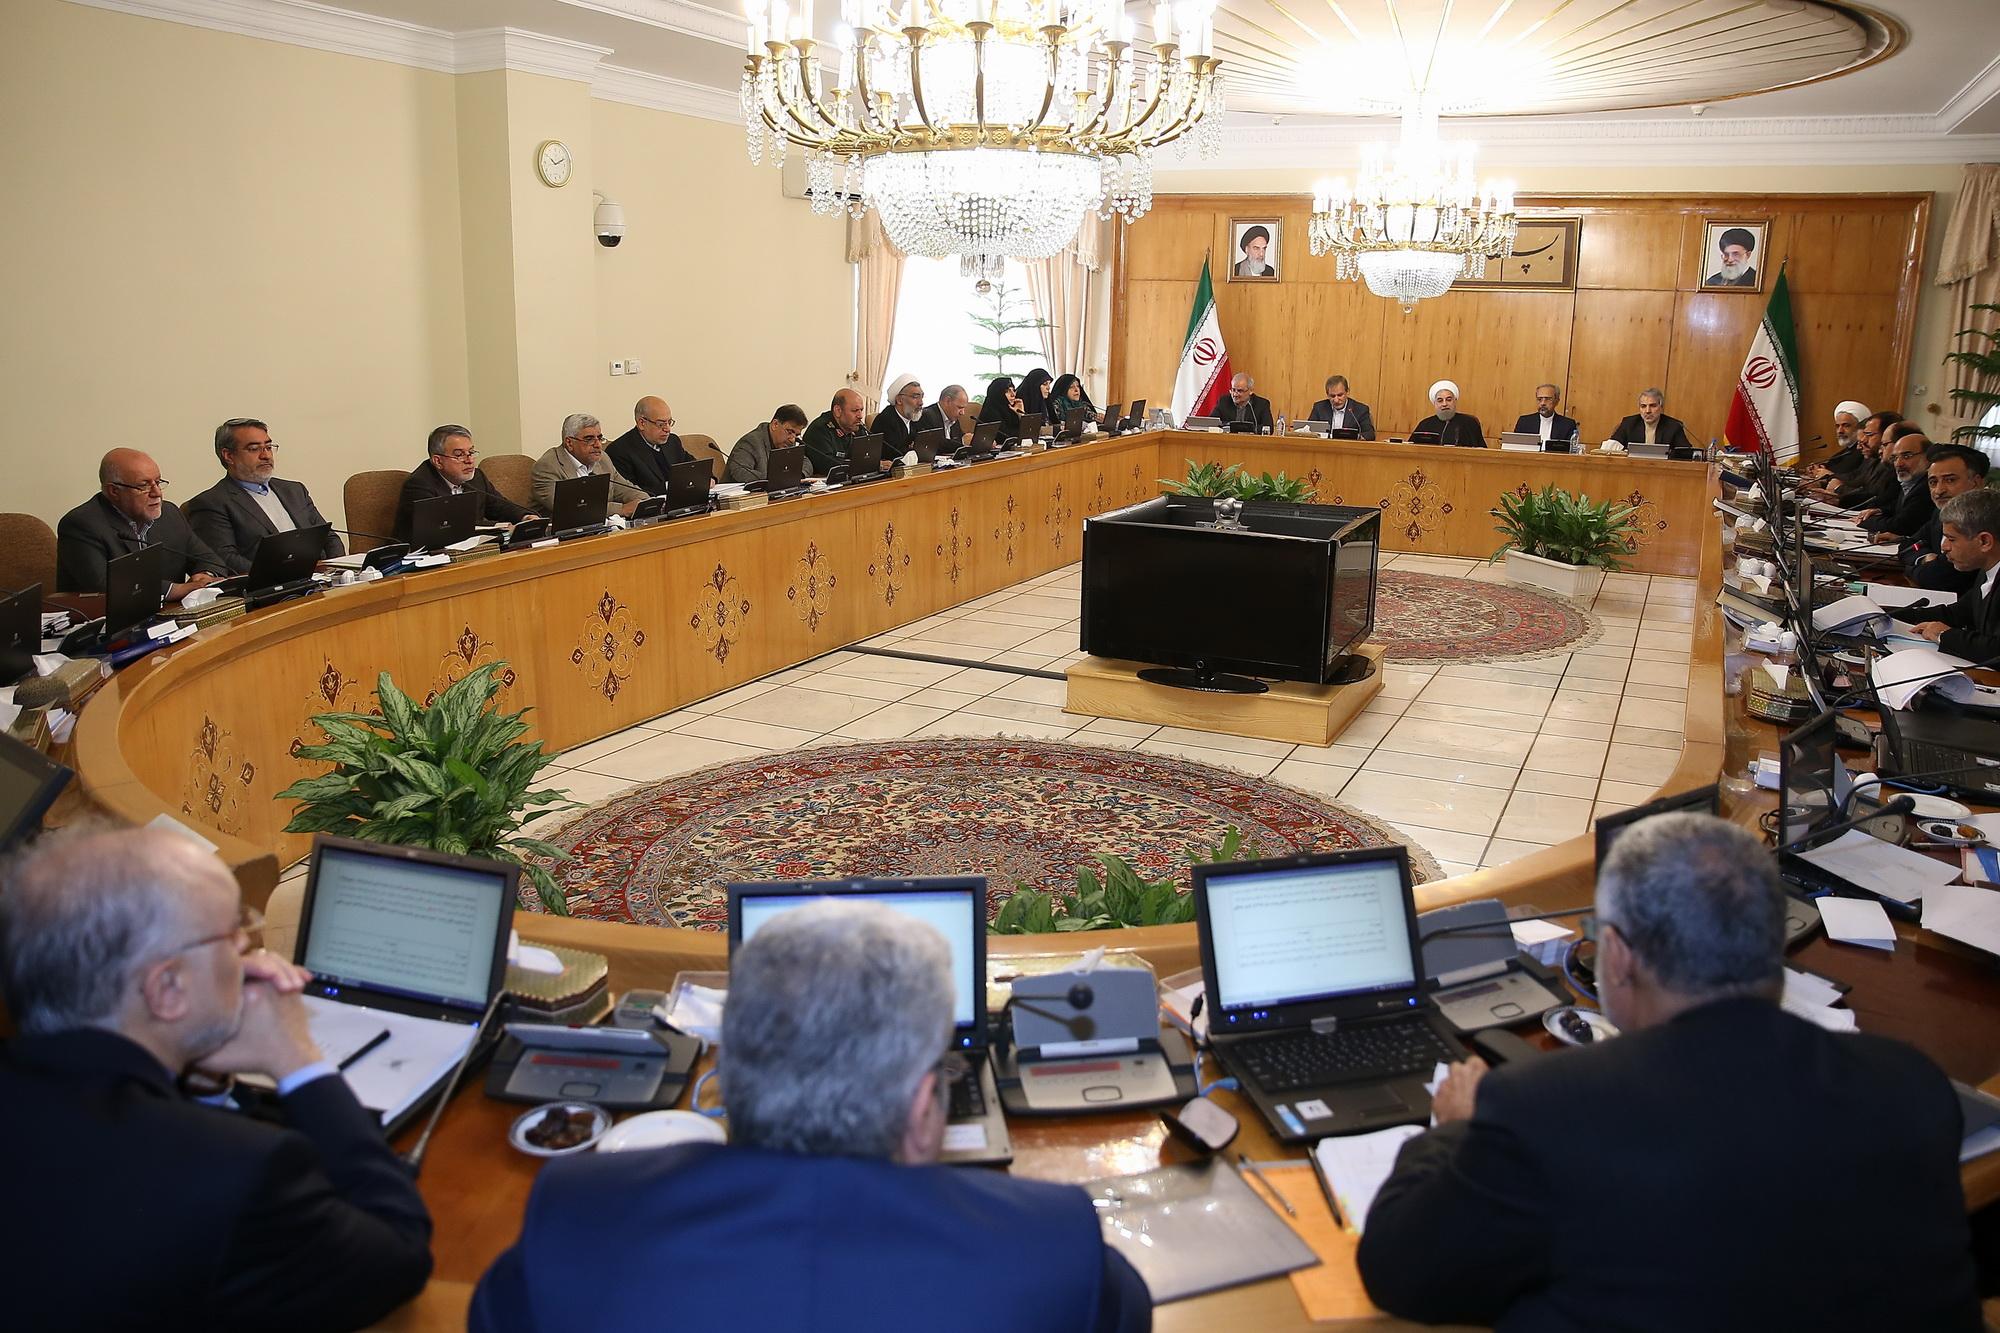 اسامی وزرای پیشنهادی دولت روحانی